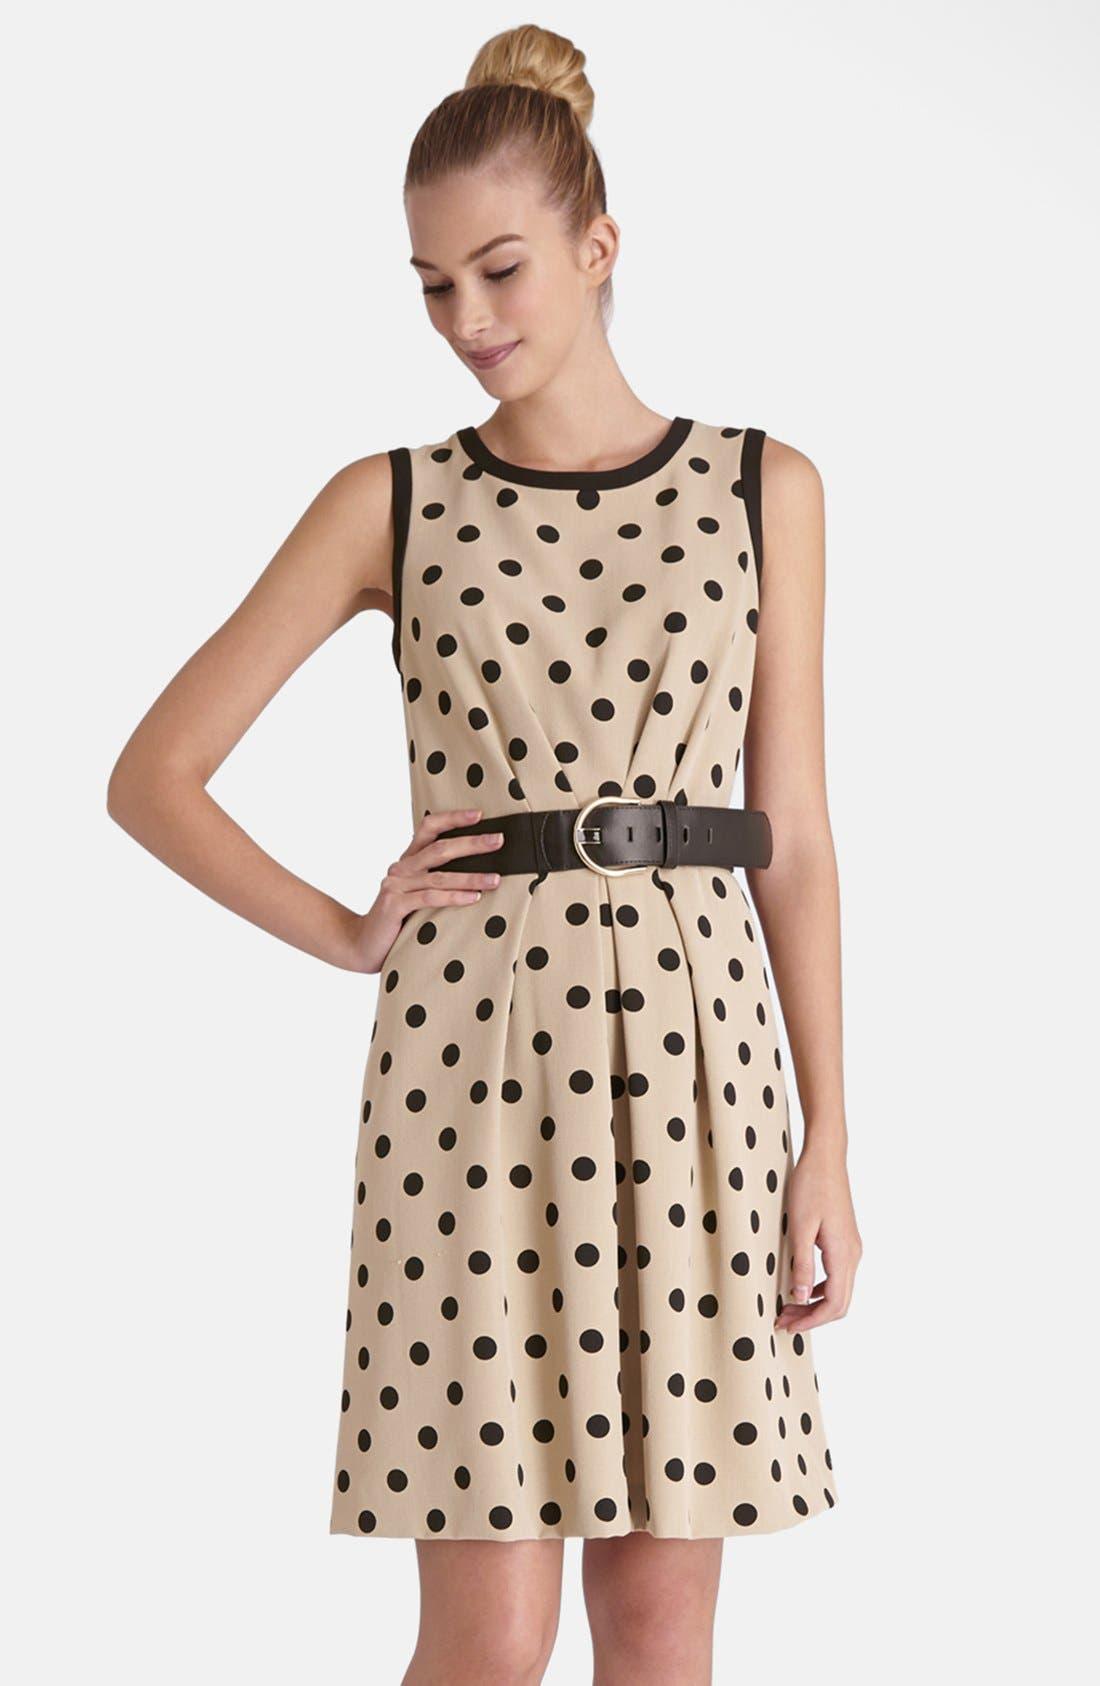 Main Image - Tahari Polka Dot Crepe Fit & Flare Dress (Regular & Petite)